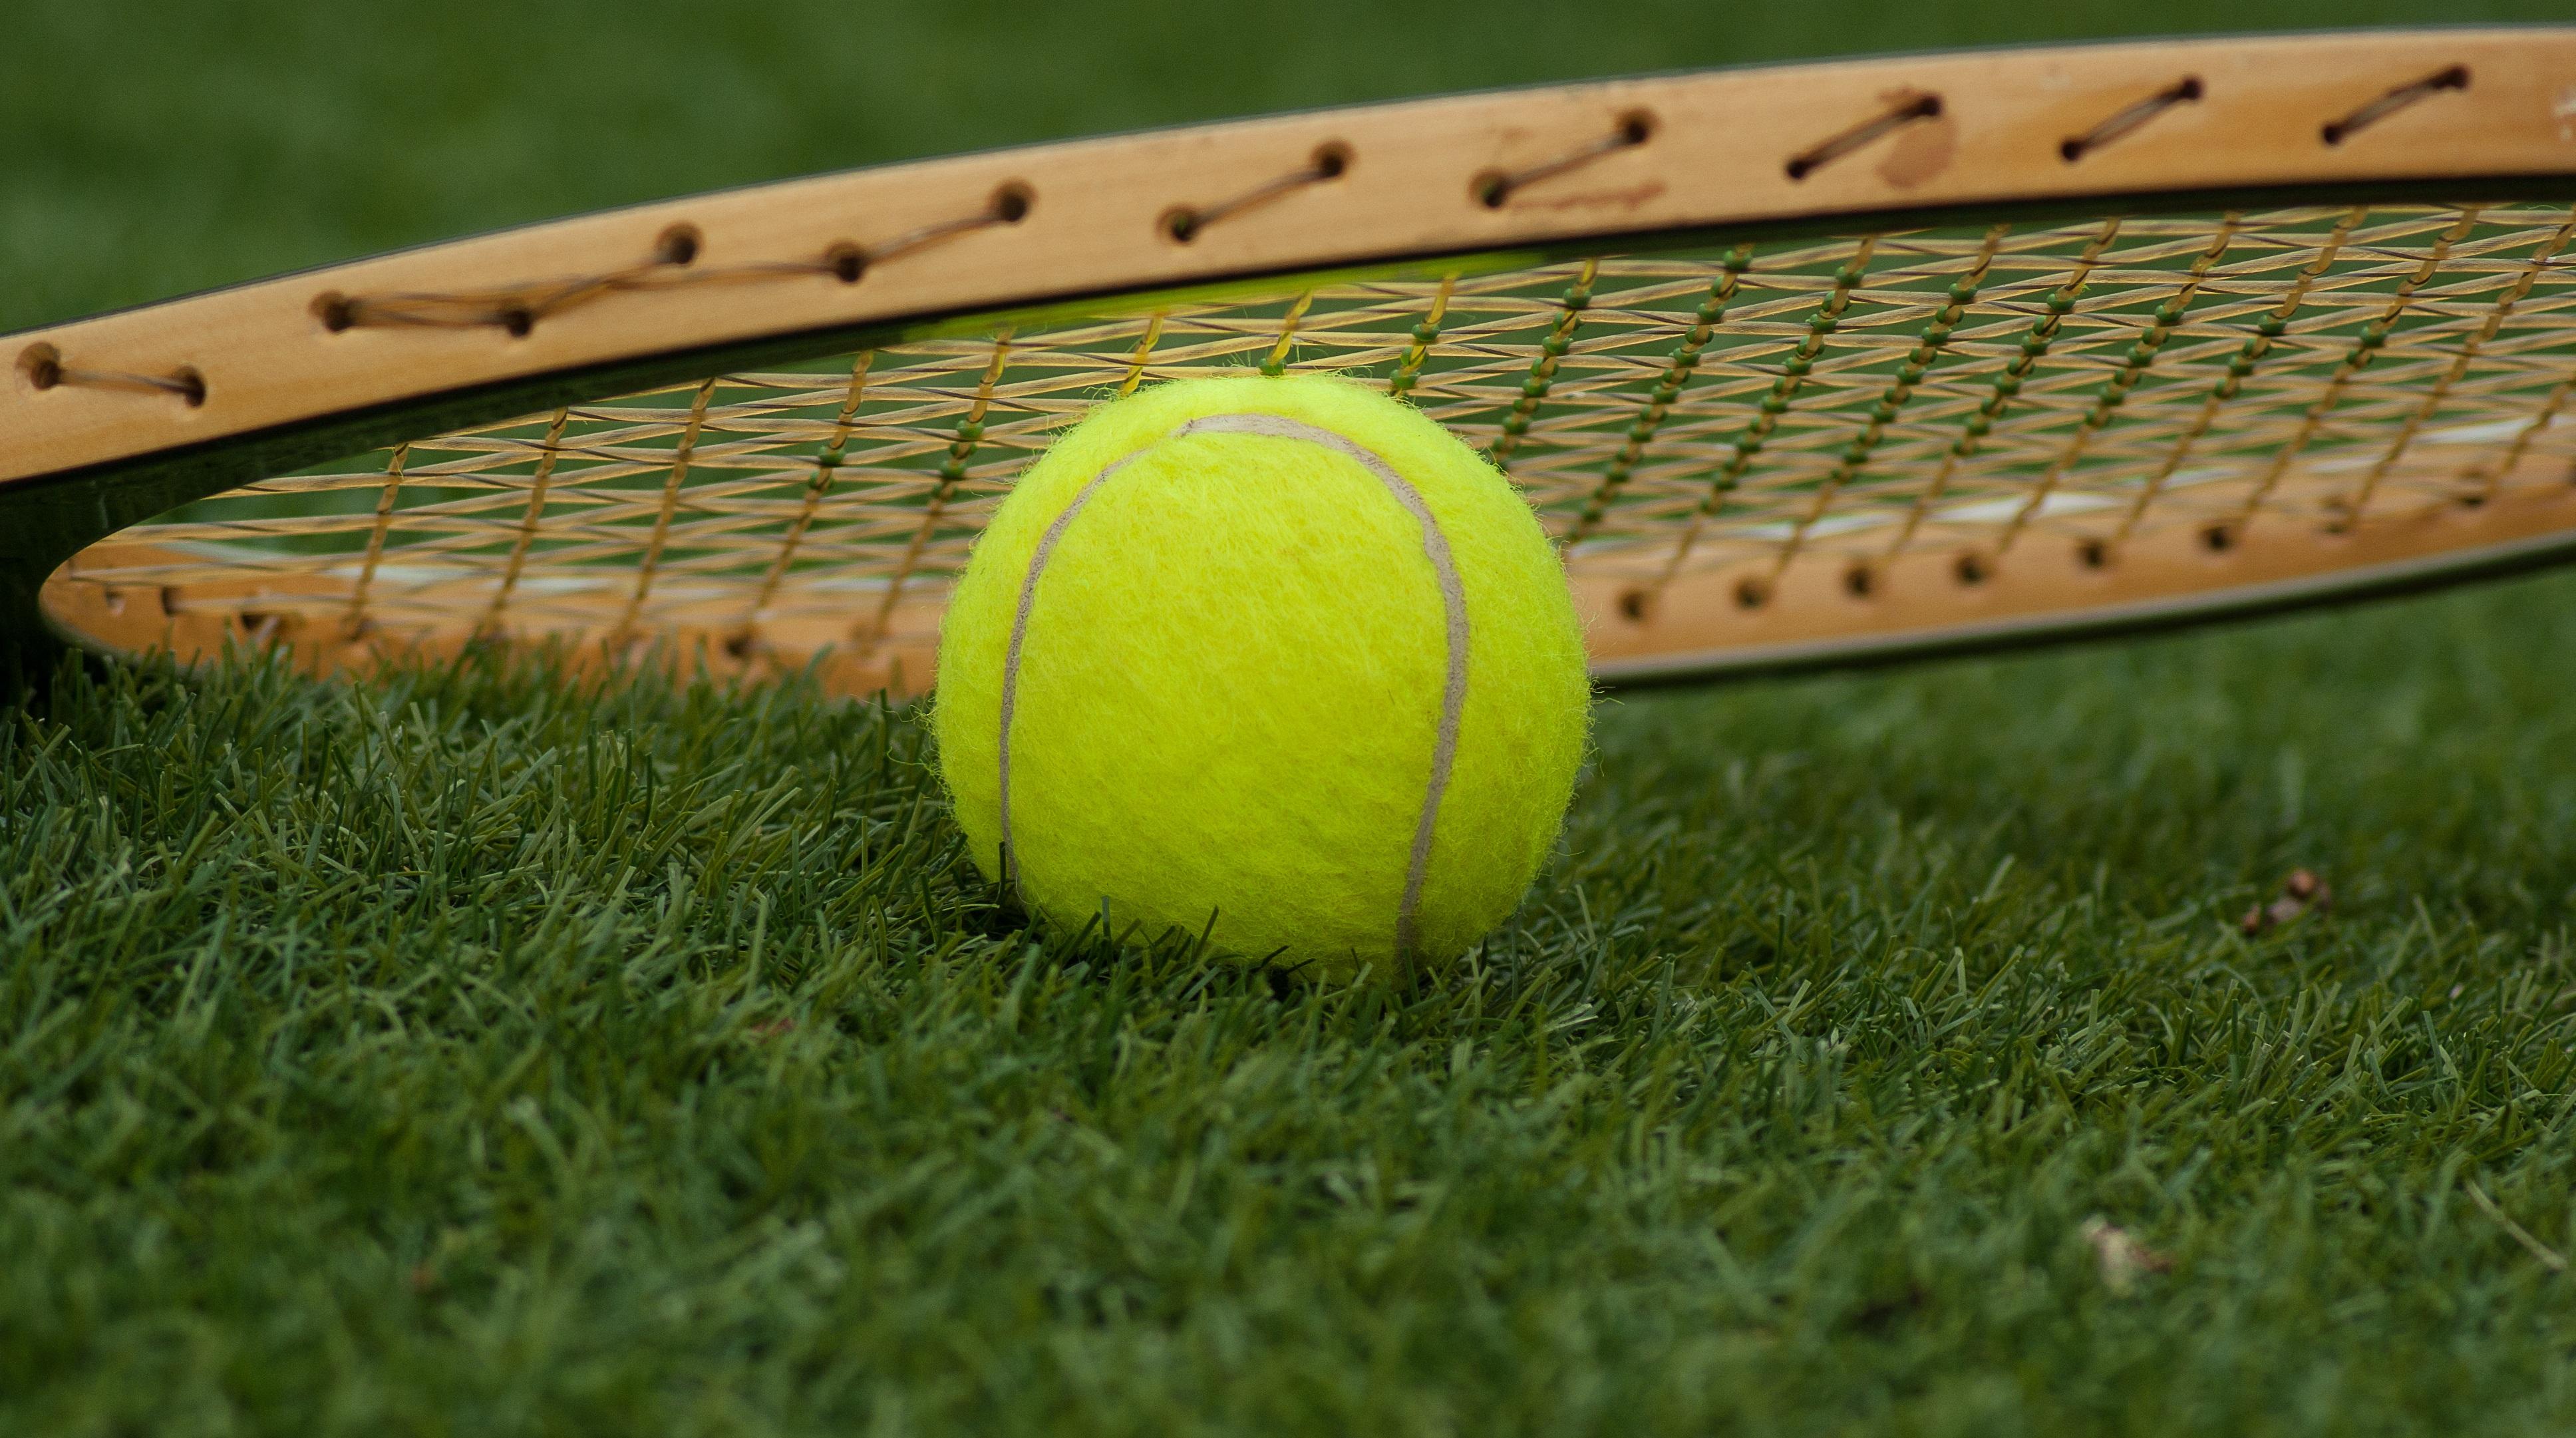 792e5d3b gress sport grønn baseballbane sportsutstyr tennis nett ball rekkert  tennisball tennisracket tilbehør